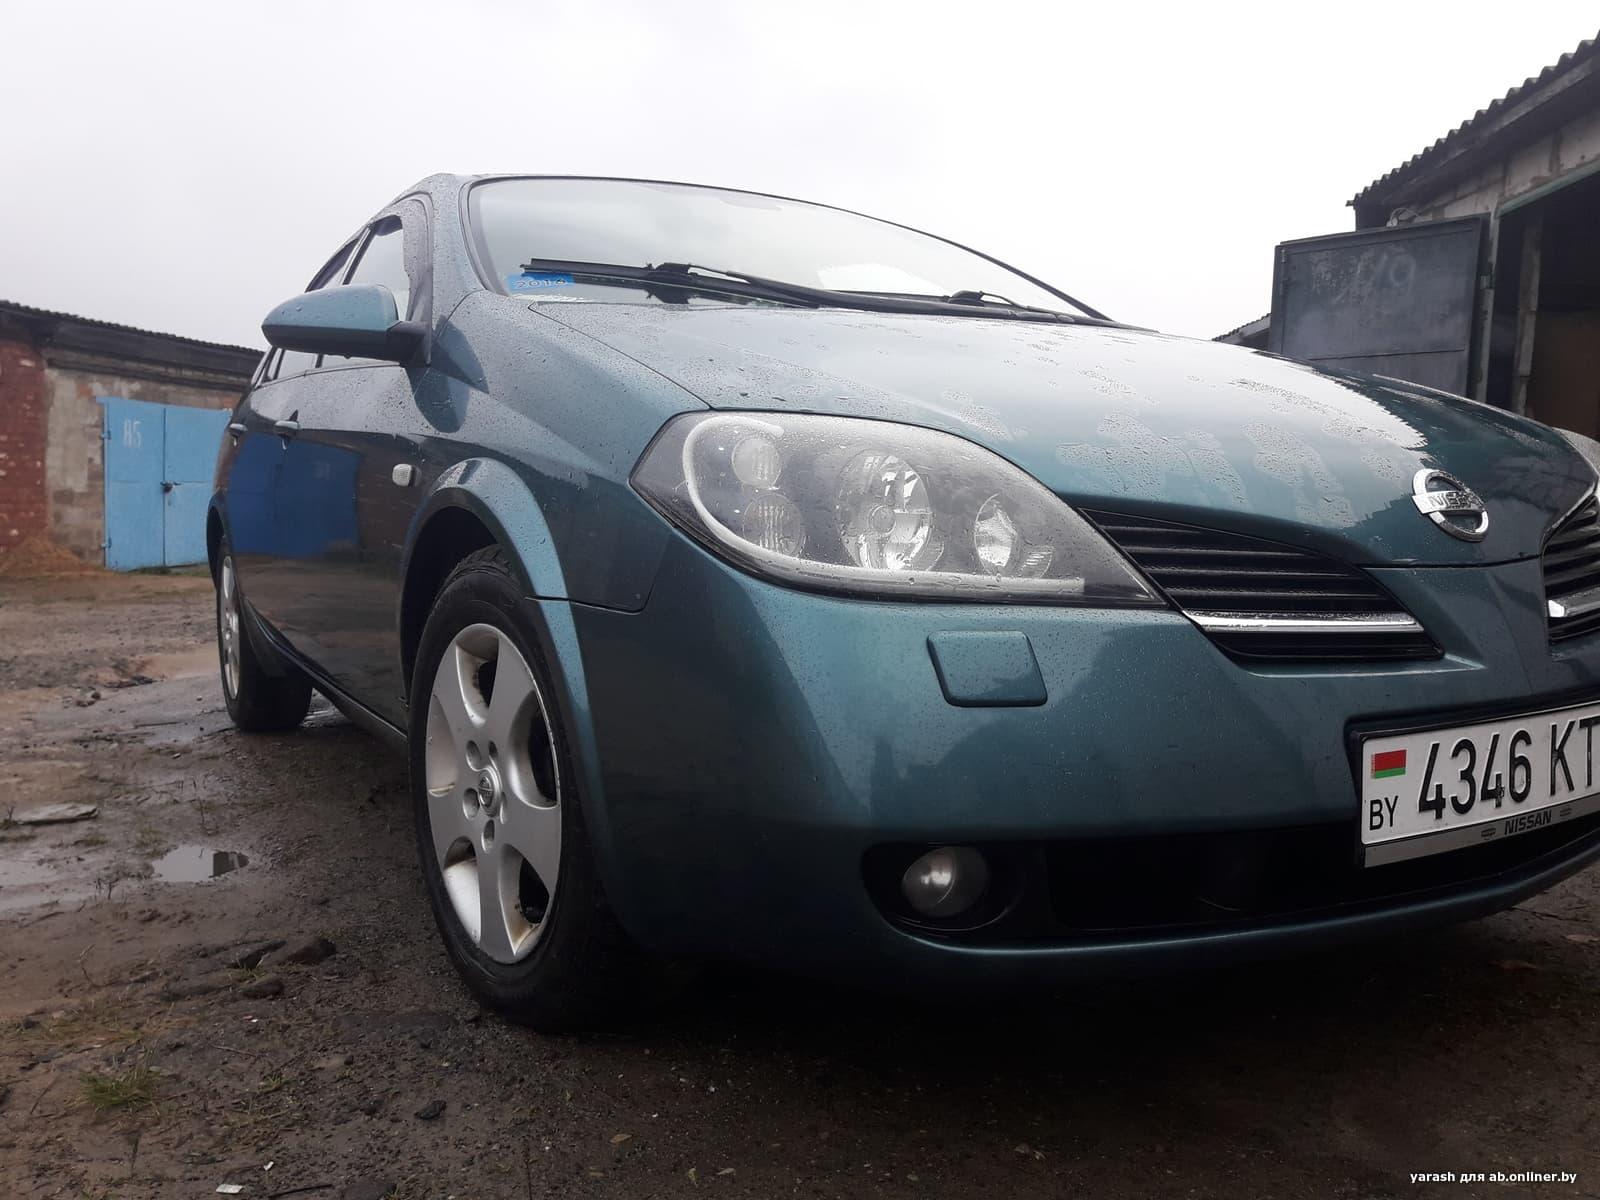 Nissan Primera tdi